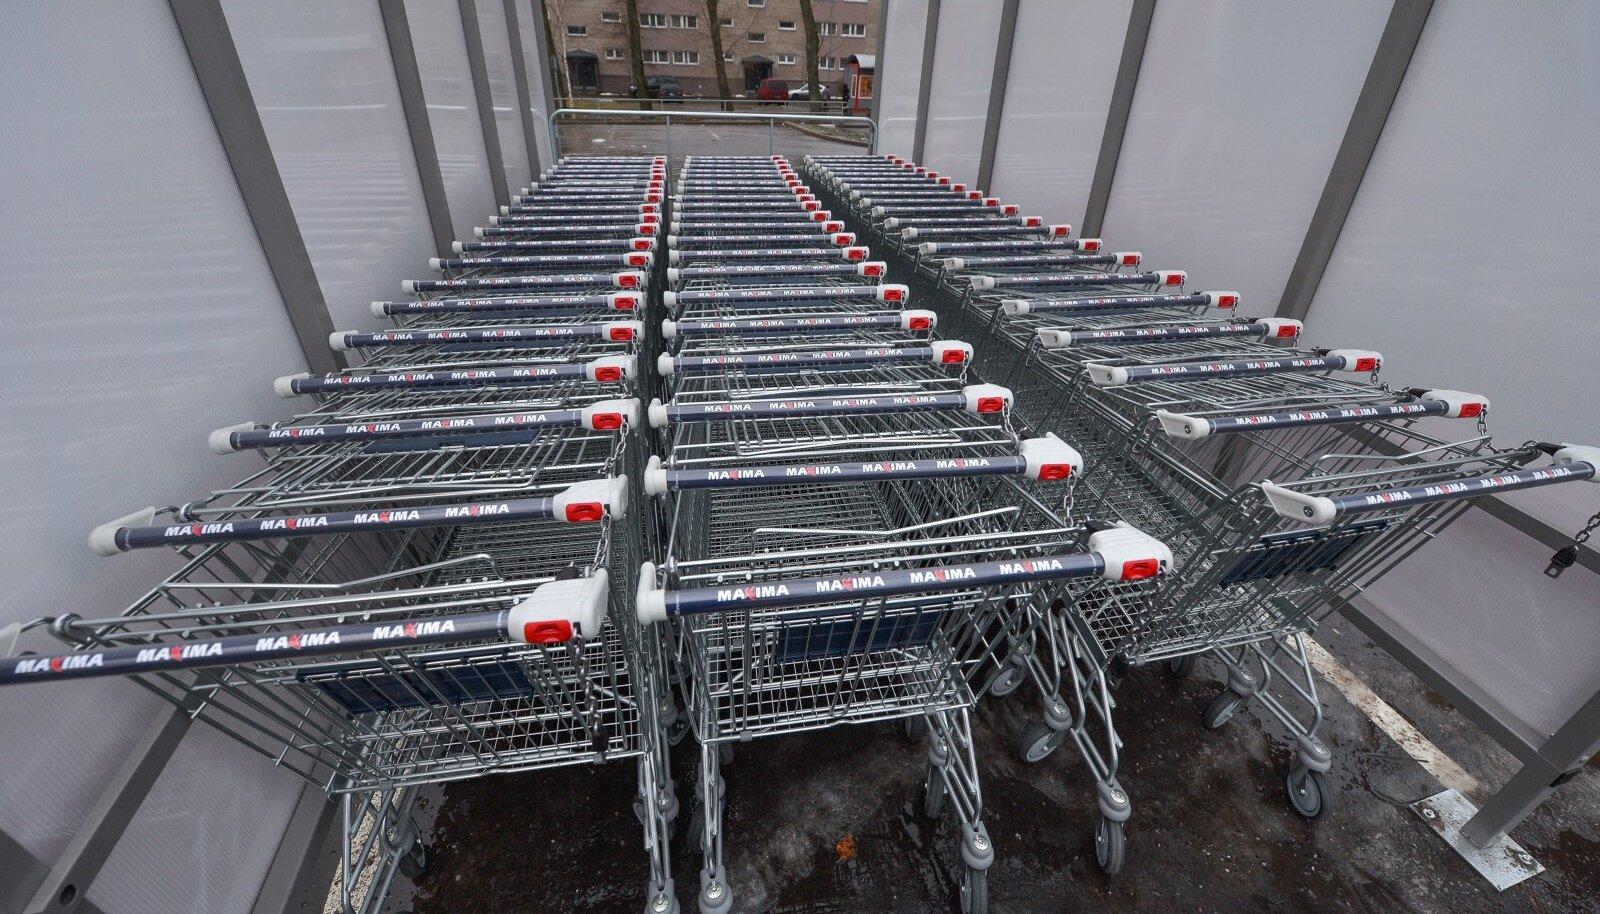 ostukärud